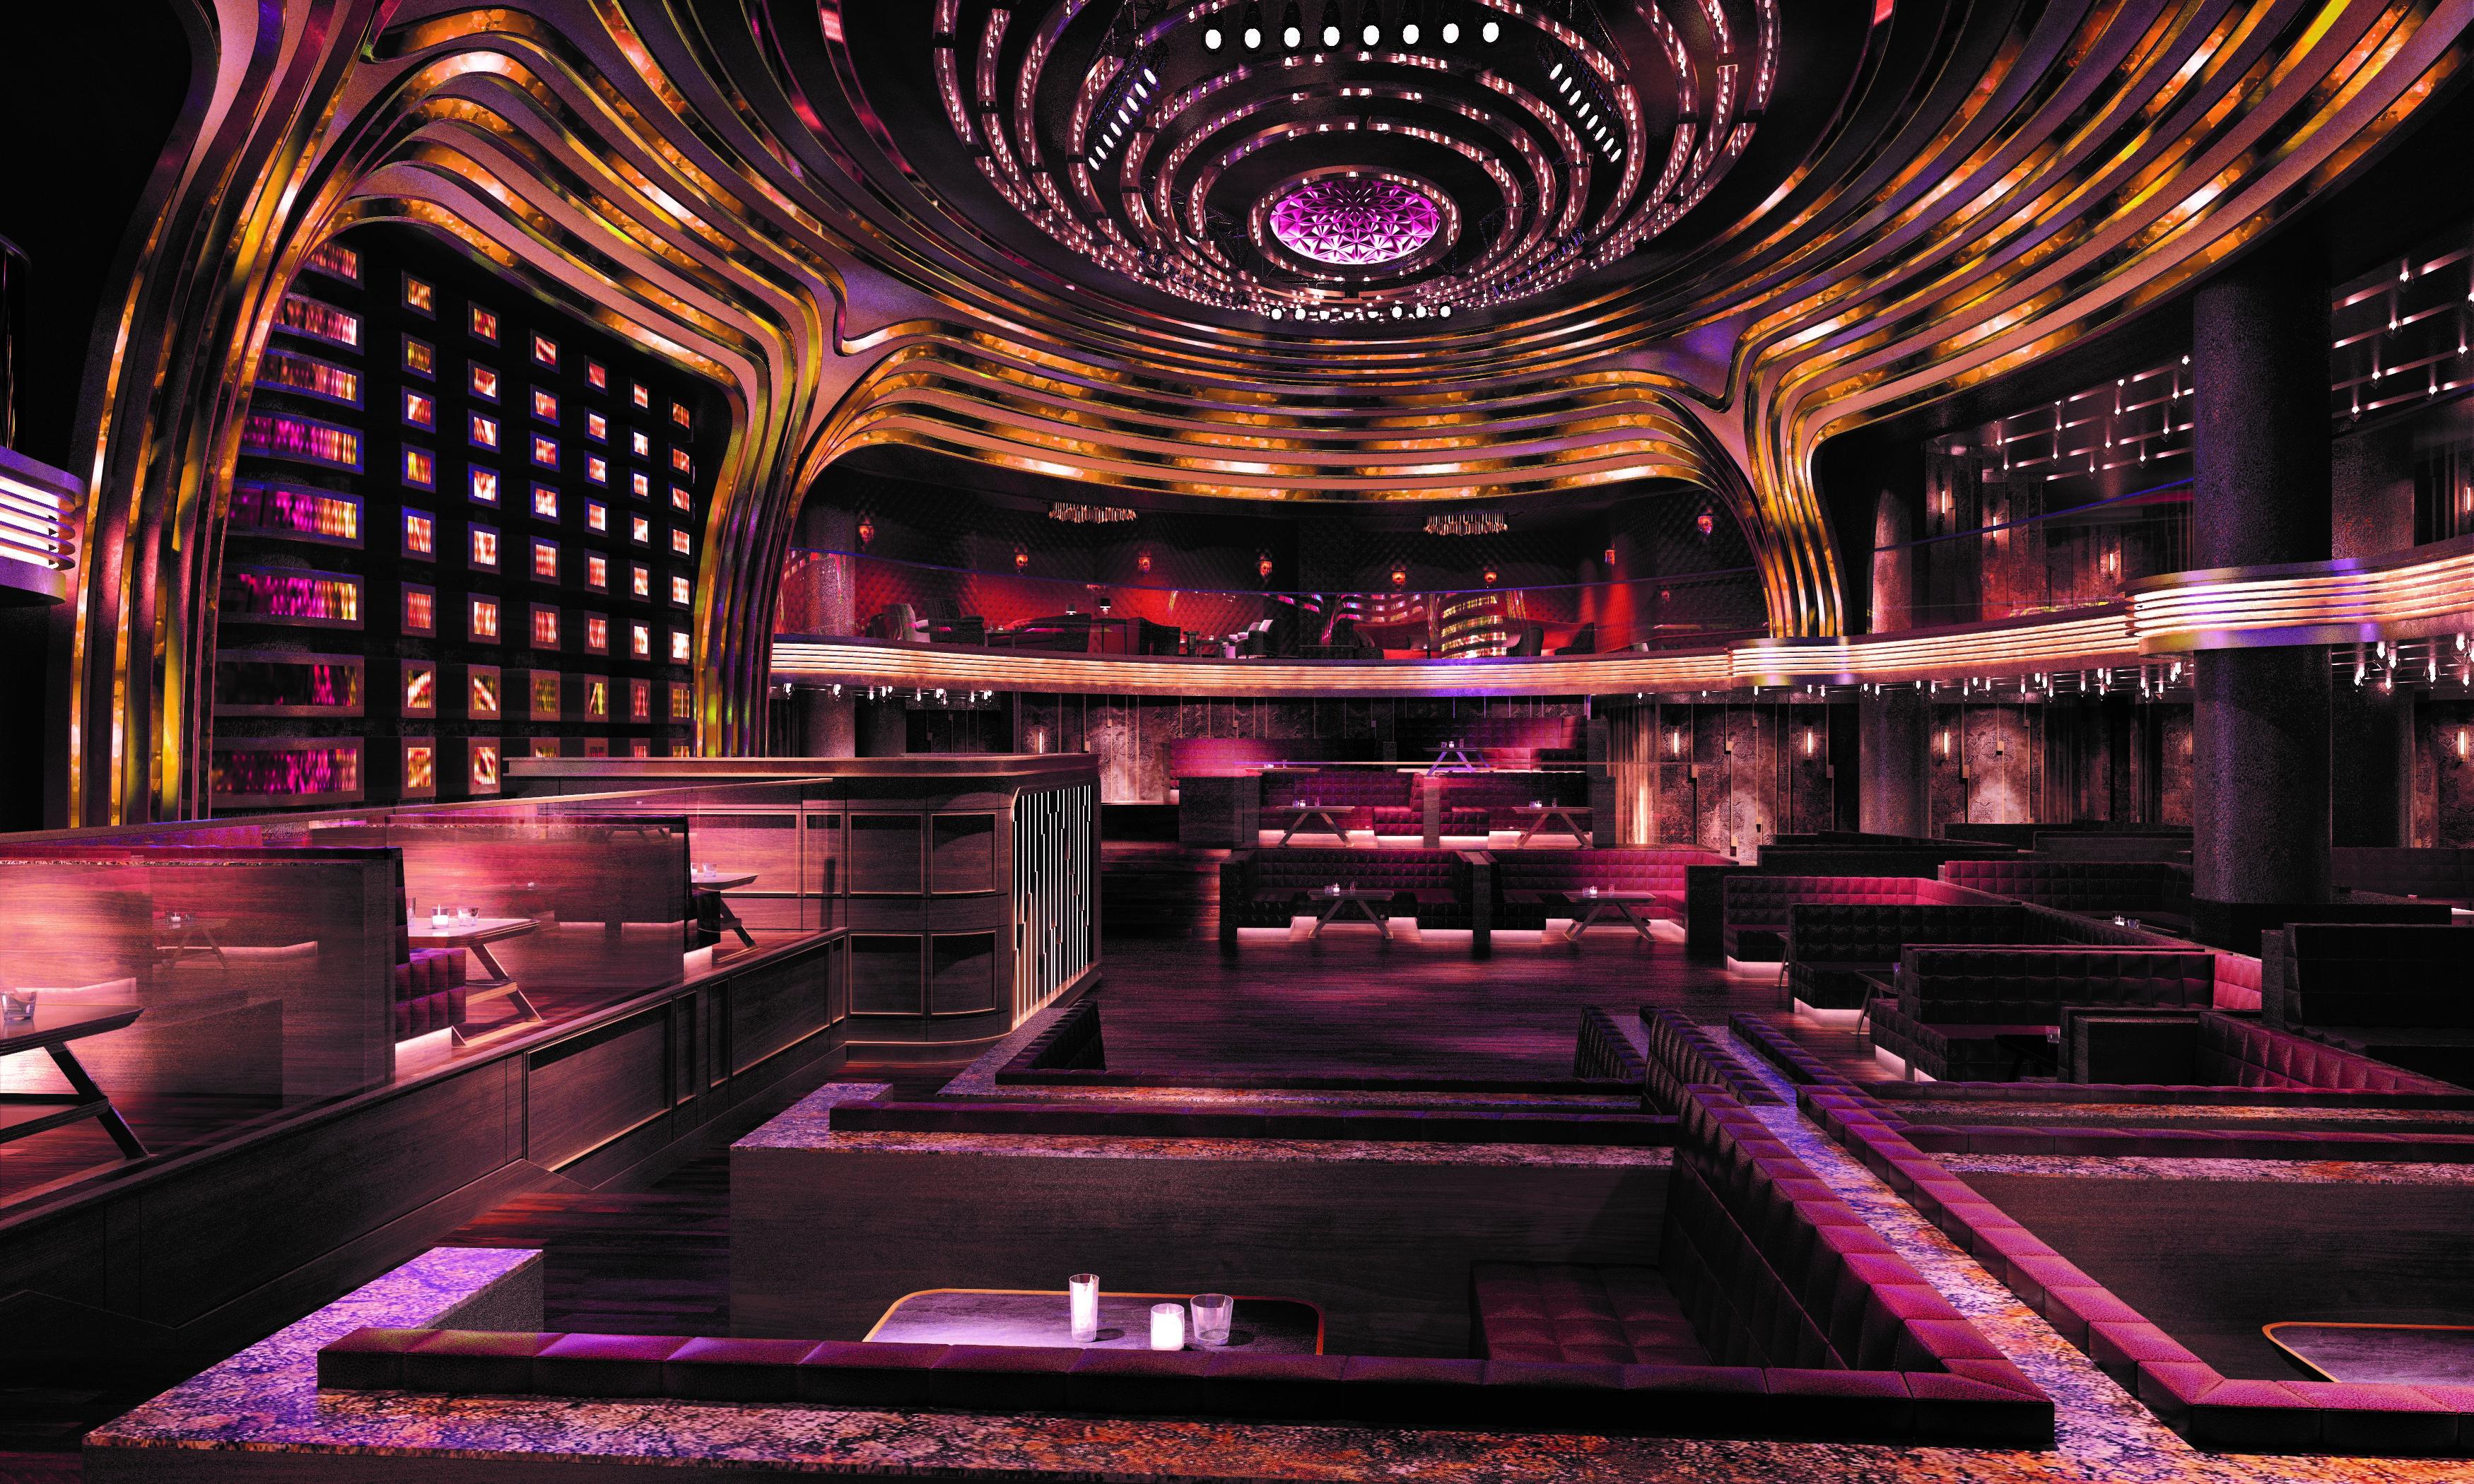 Top 10 night clubs in Las Vegas